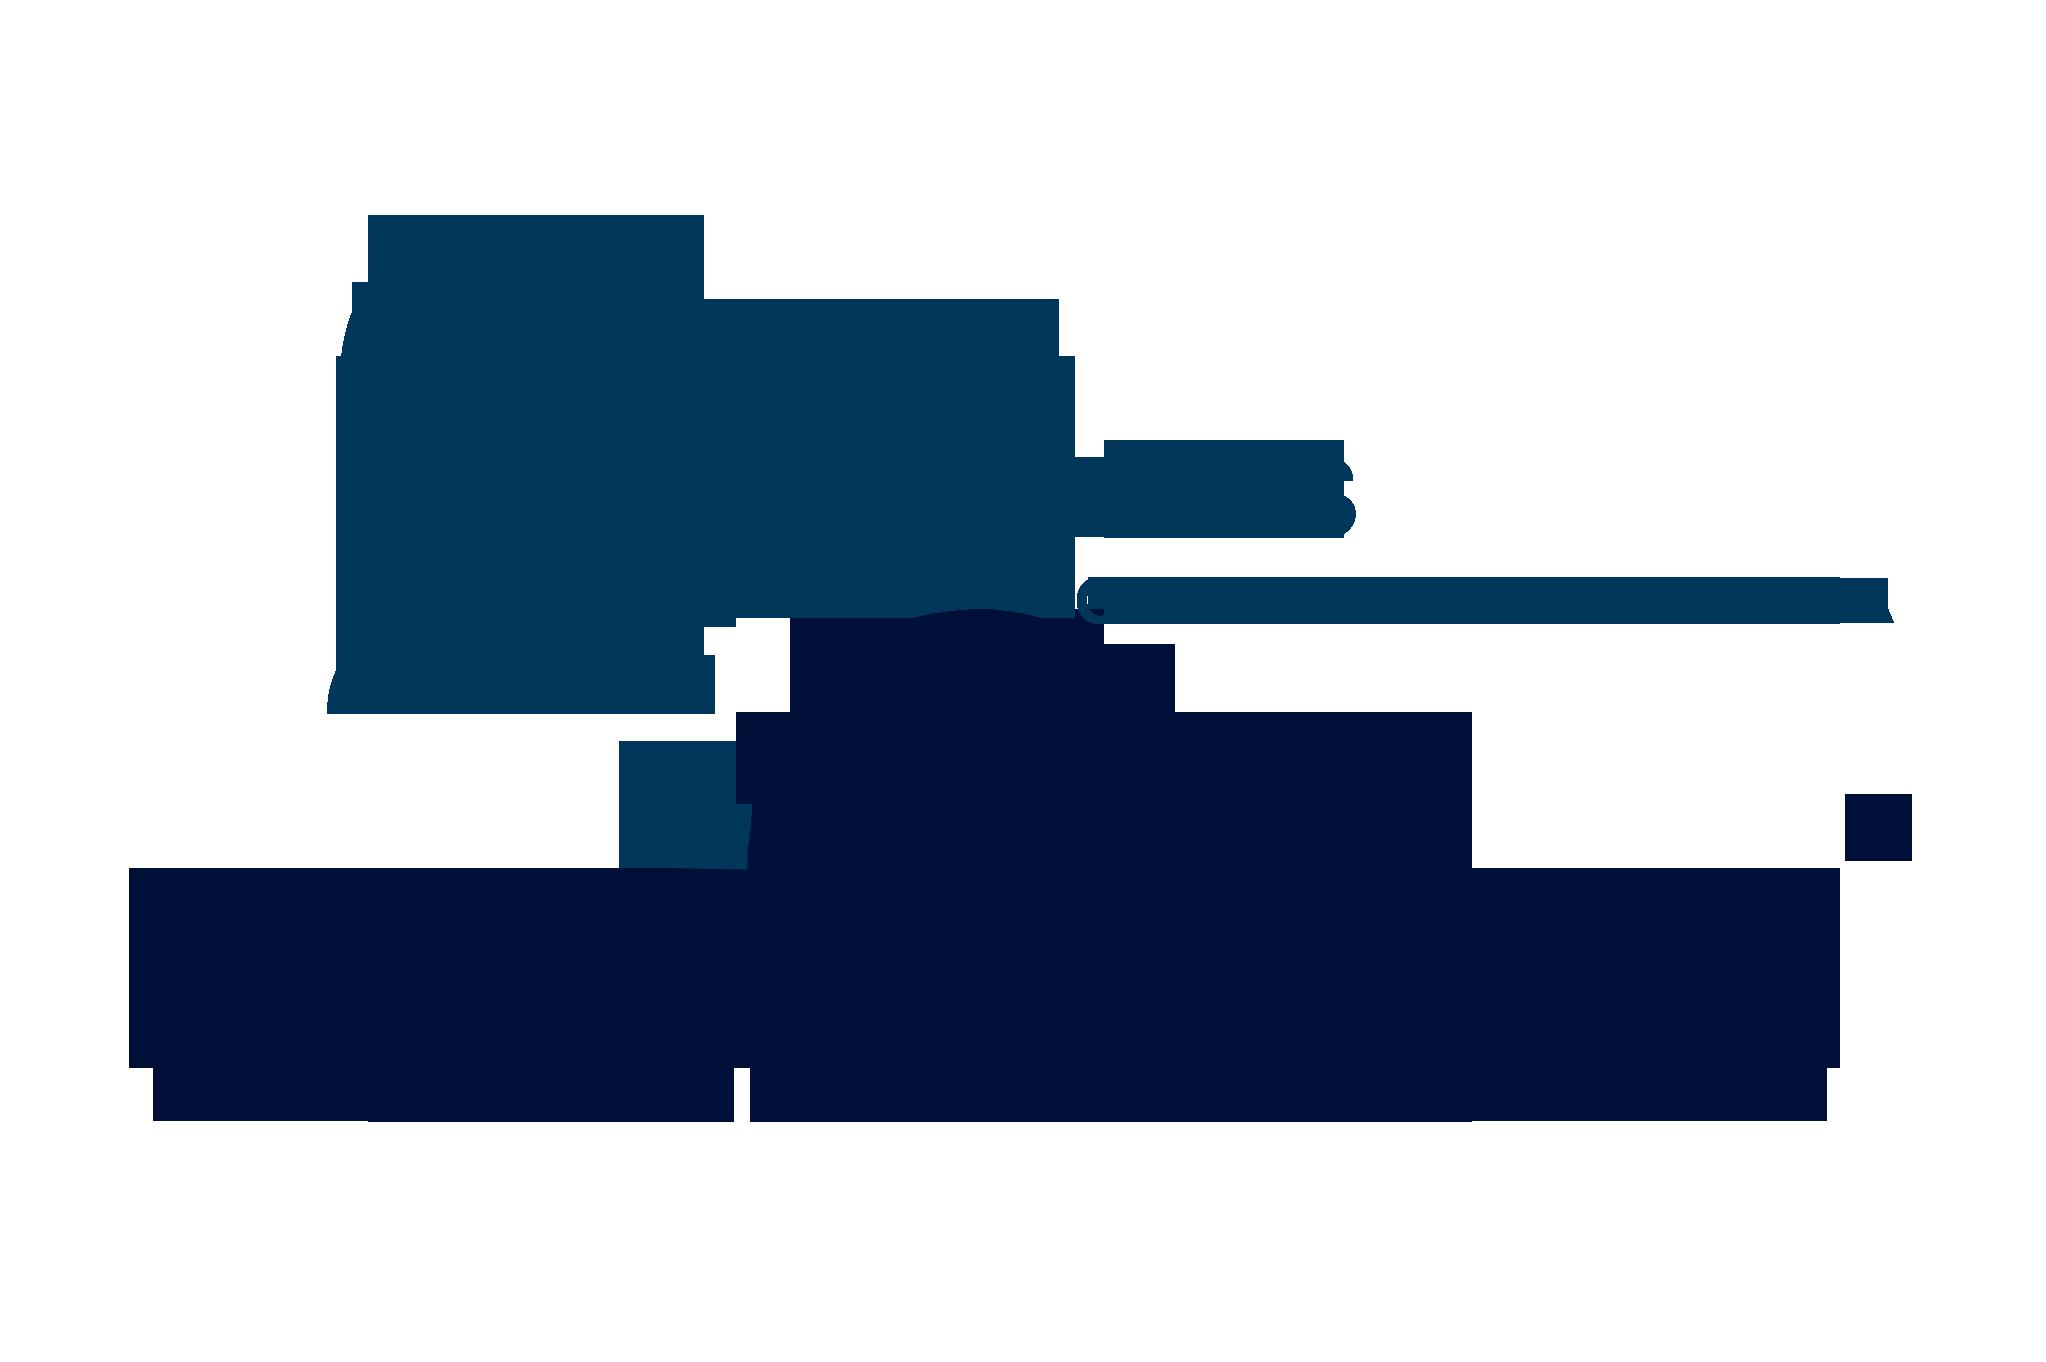 logo_25_an_os_fondo_transparente.png